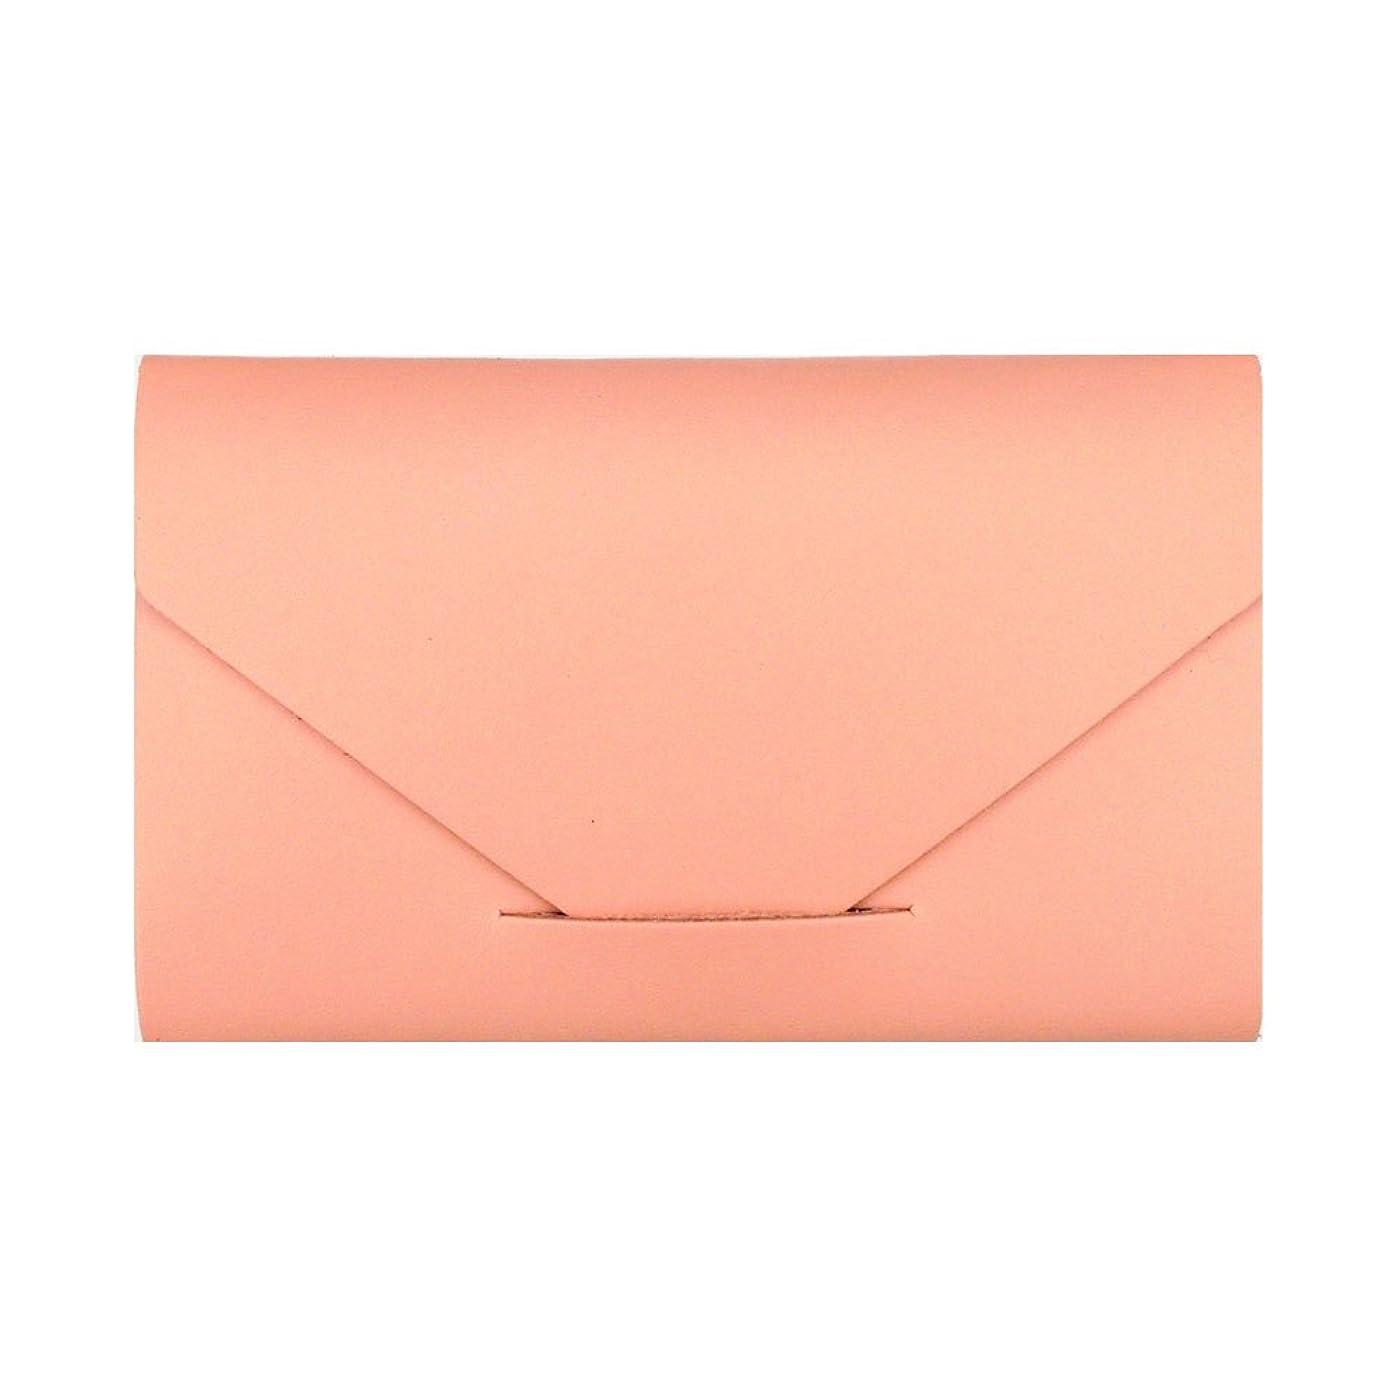 花輪まばたき一時停止MODERN AGE TOKYO 2 カードケース(サシェ3種入) ピンク PINK CARD CASE モダンエイジトウキョウツー